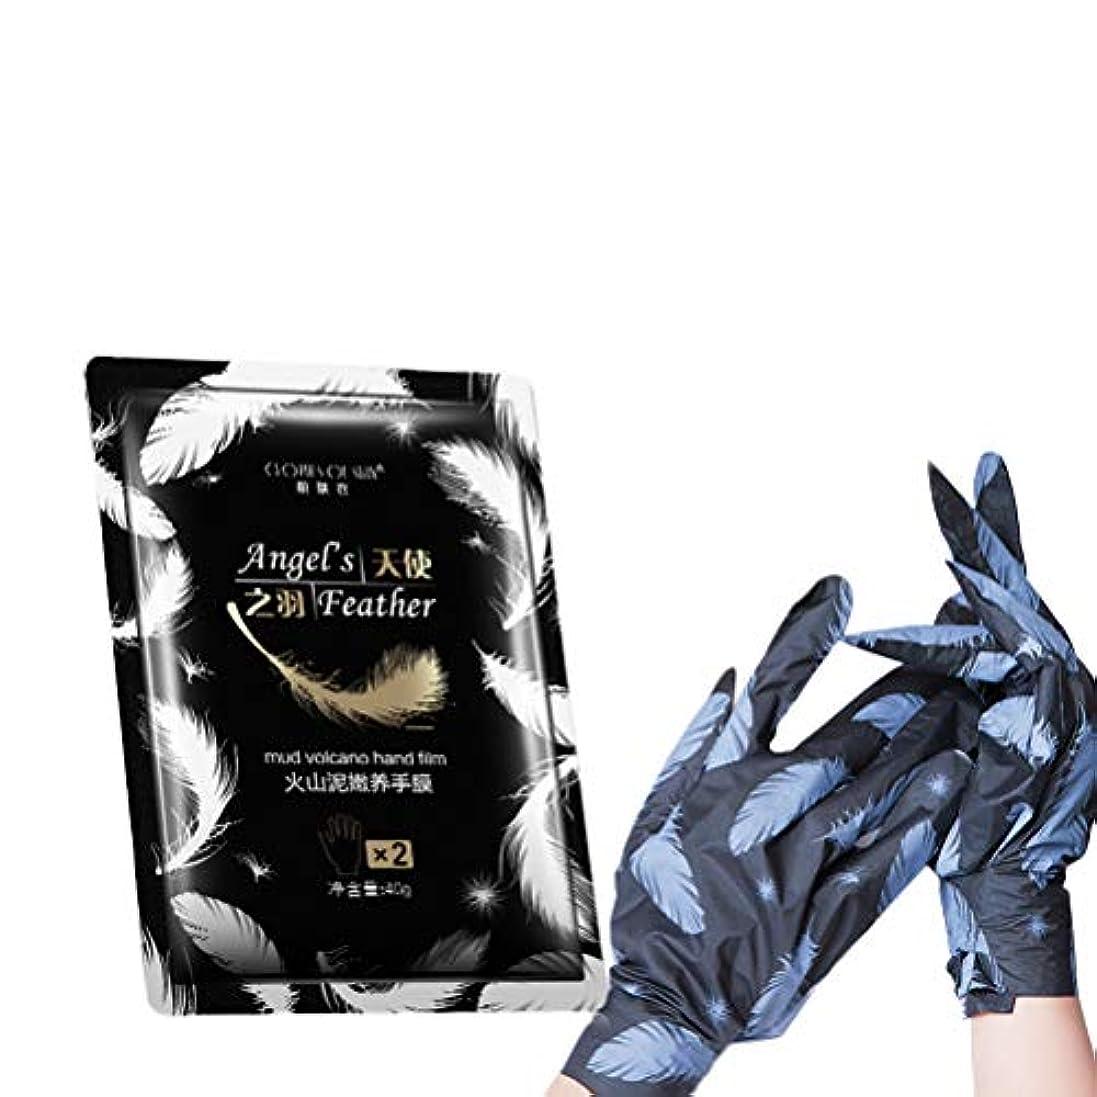 イヤホン一杯起こりやすいSUPVOX 乾燥肌のための保湿ハンドマスク保湿手袋栄養補給のためのハンドケアホワイトニング